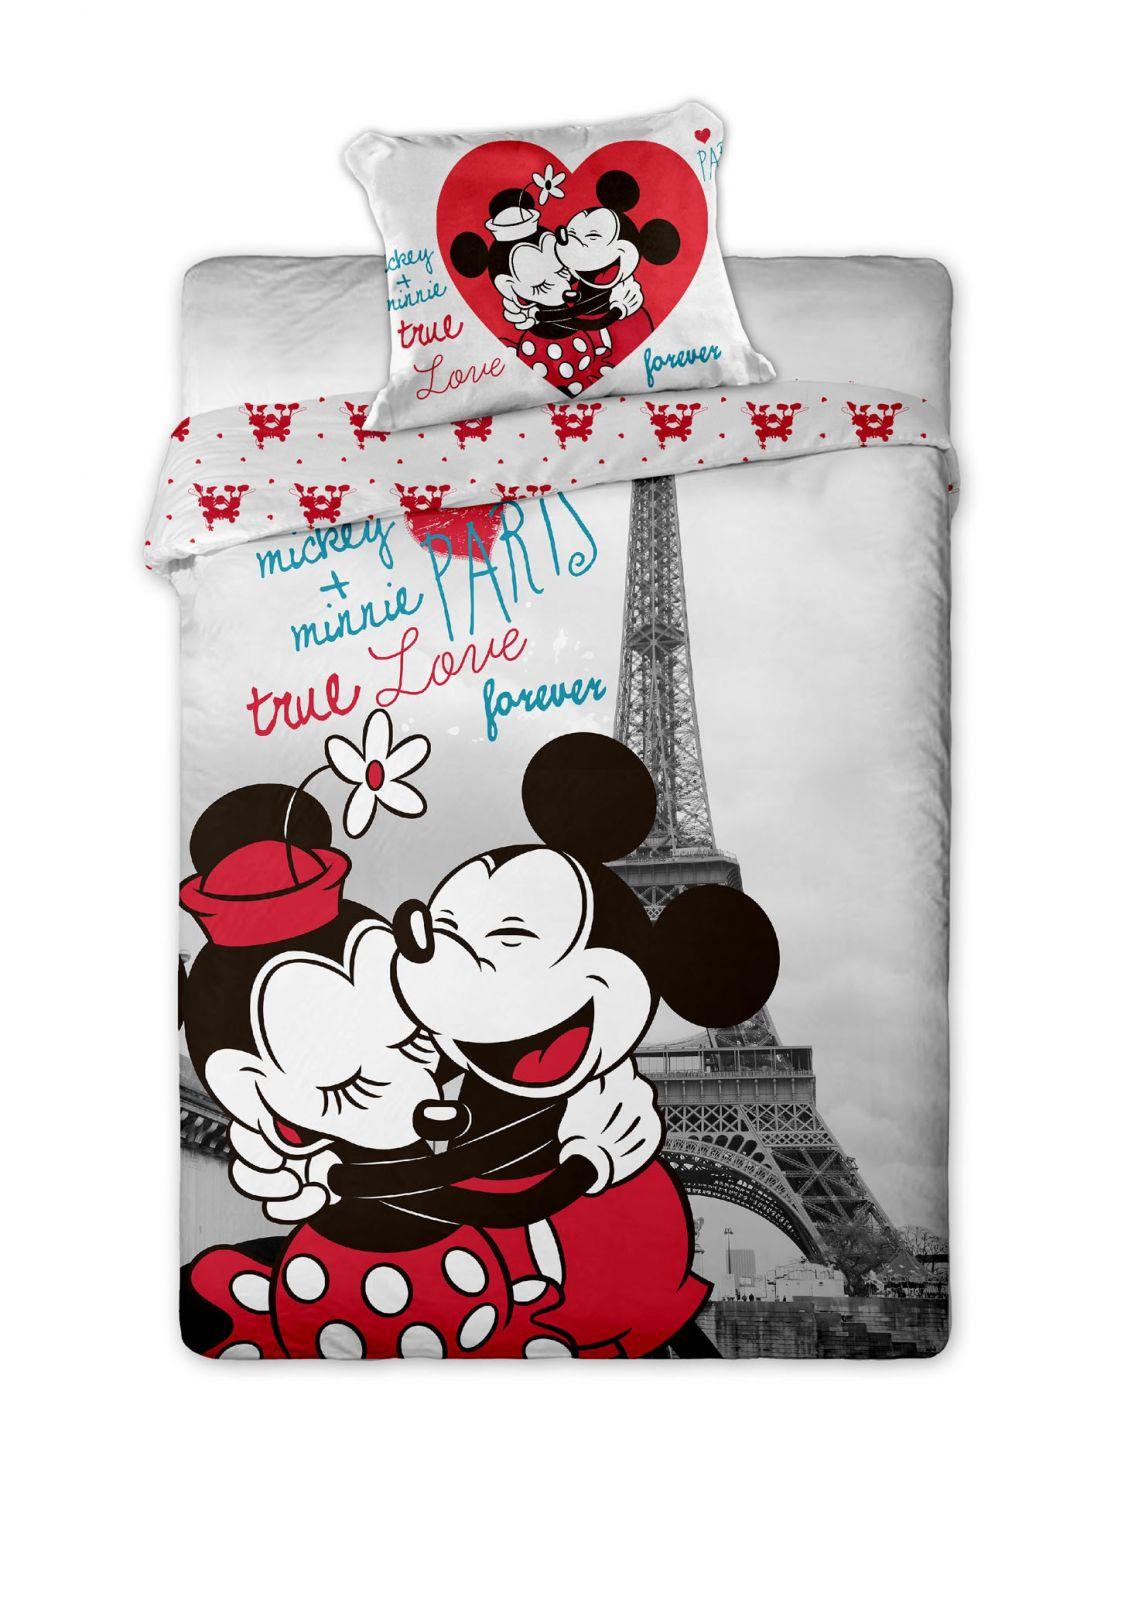 Dětské bavlněné povlečení Mickey and Minnie v Paříži